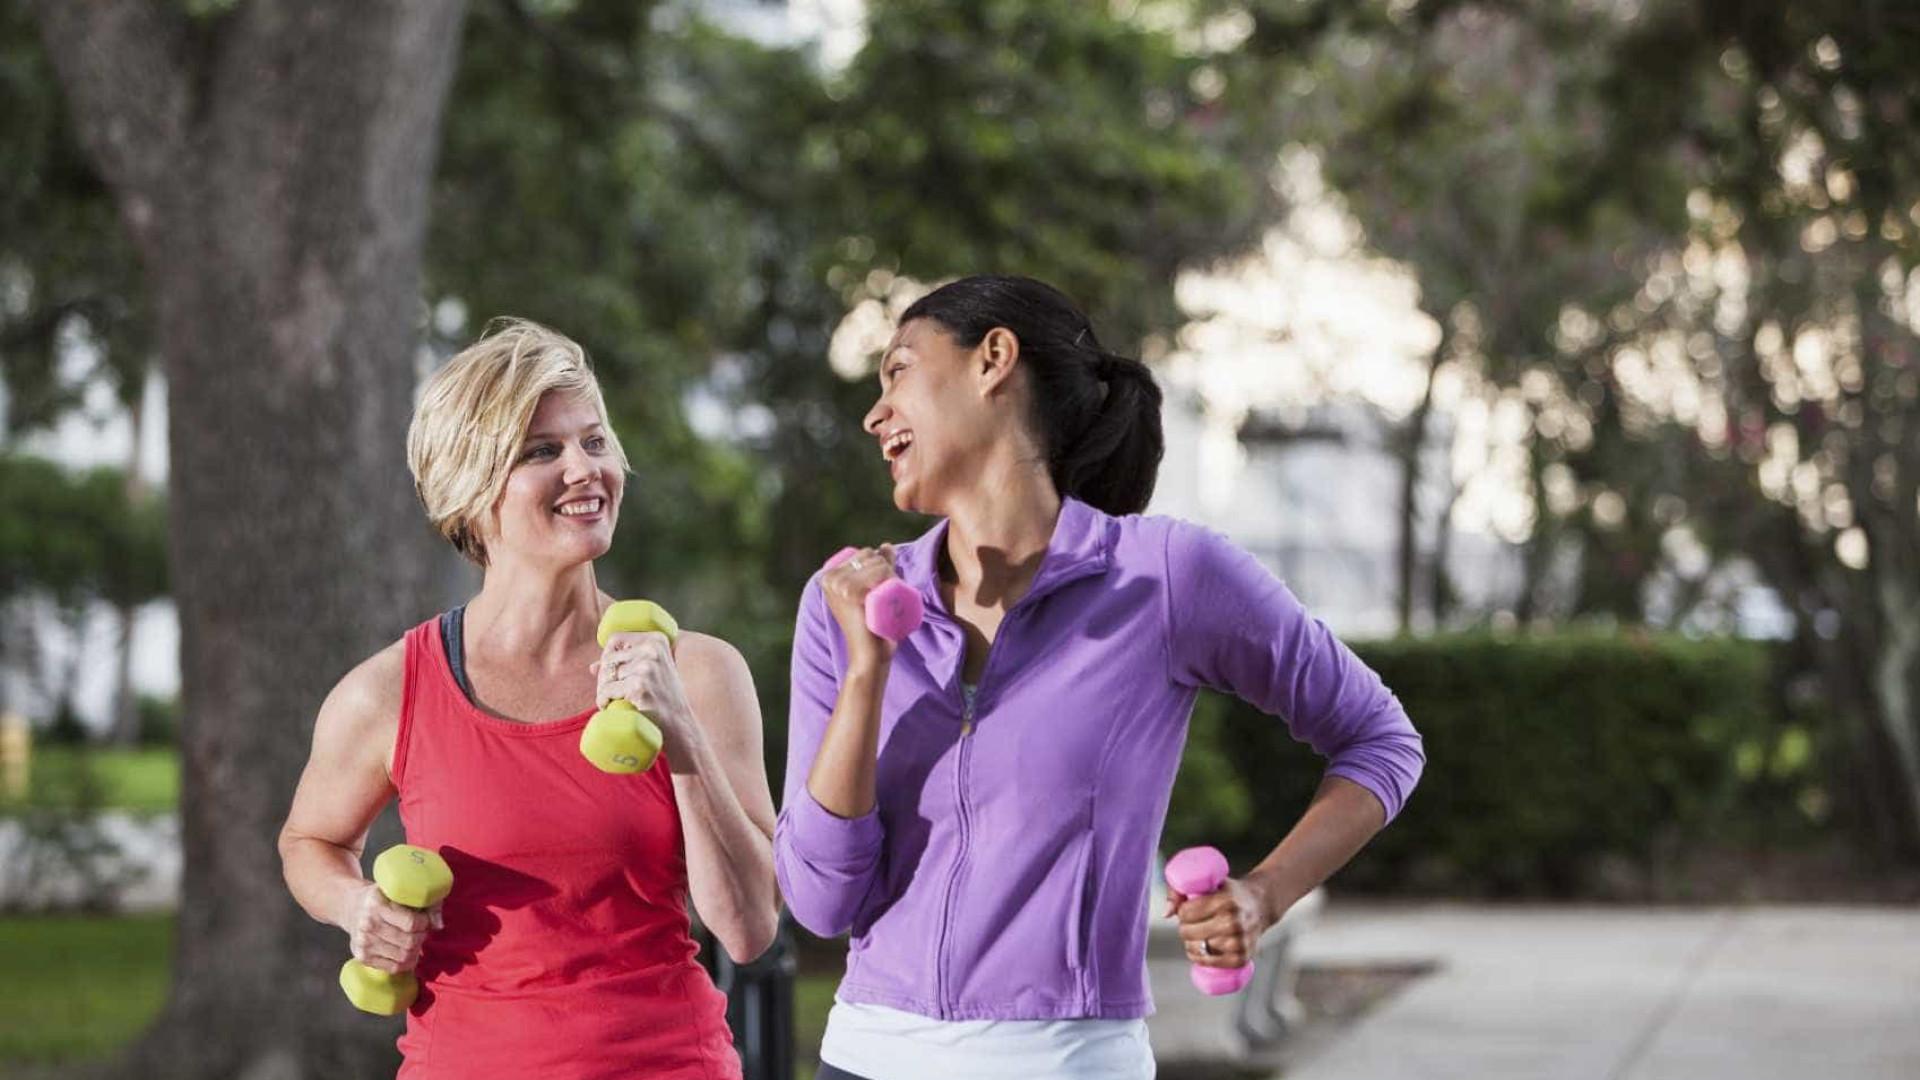 Corrida ou musculação. Qual o melhor para o cérebro?